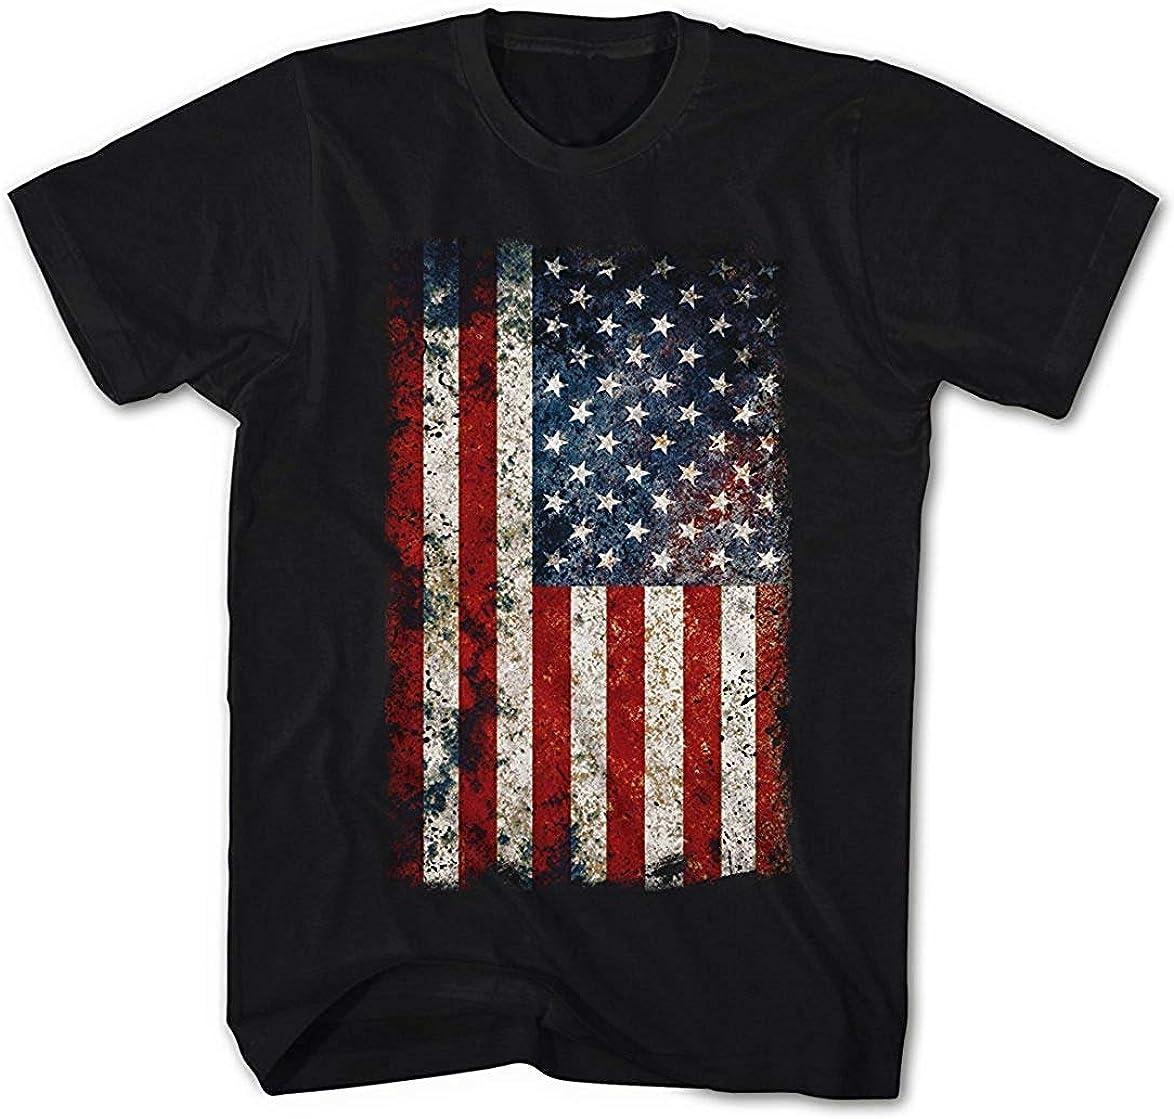 Hombre Camiseta de Estados Unidos Bandera Vintage Grunge Look: Amazon.es: Ropa y accesorios